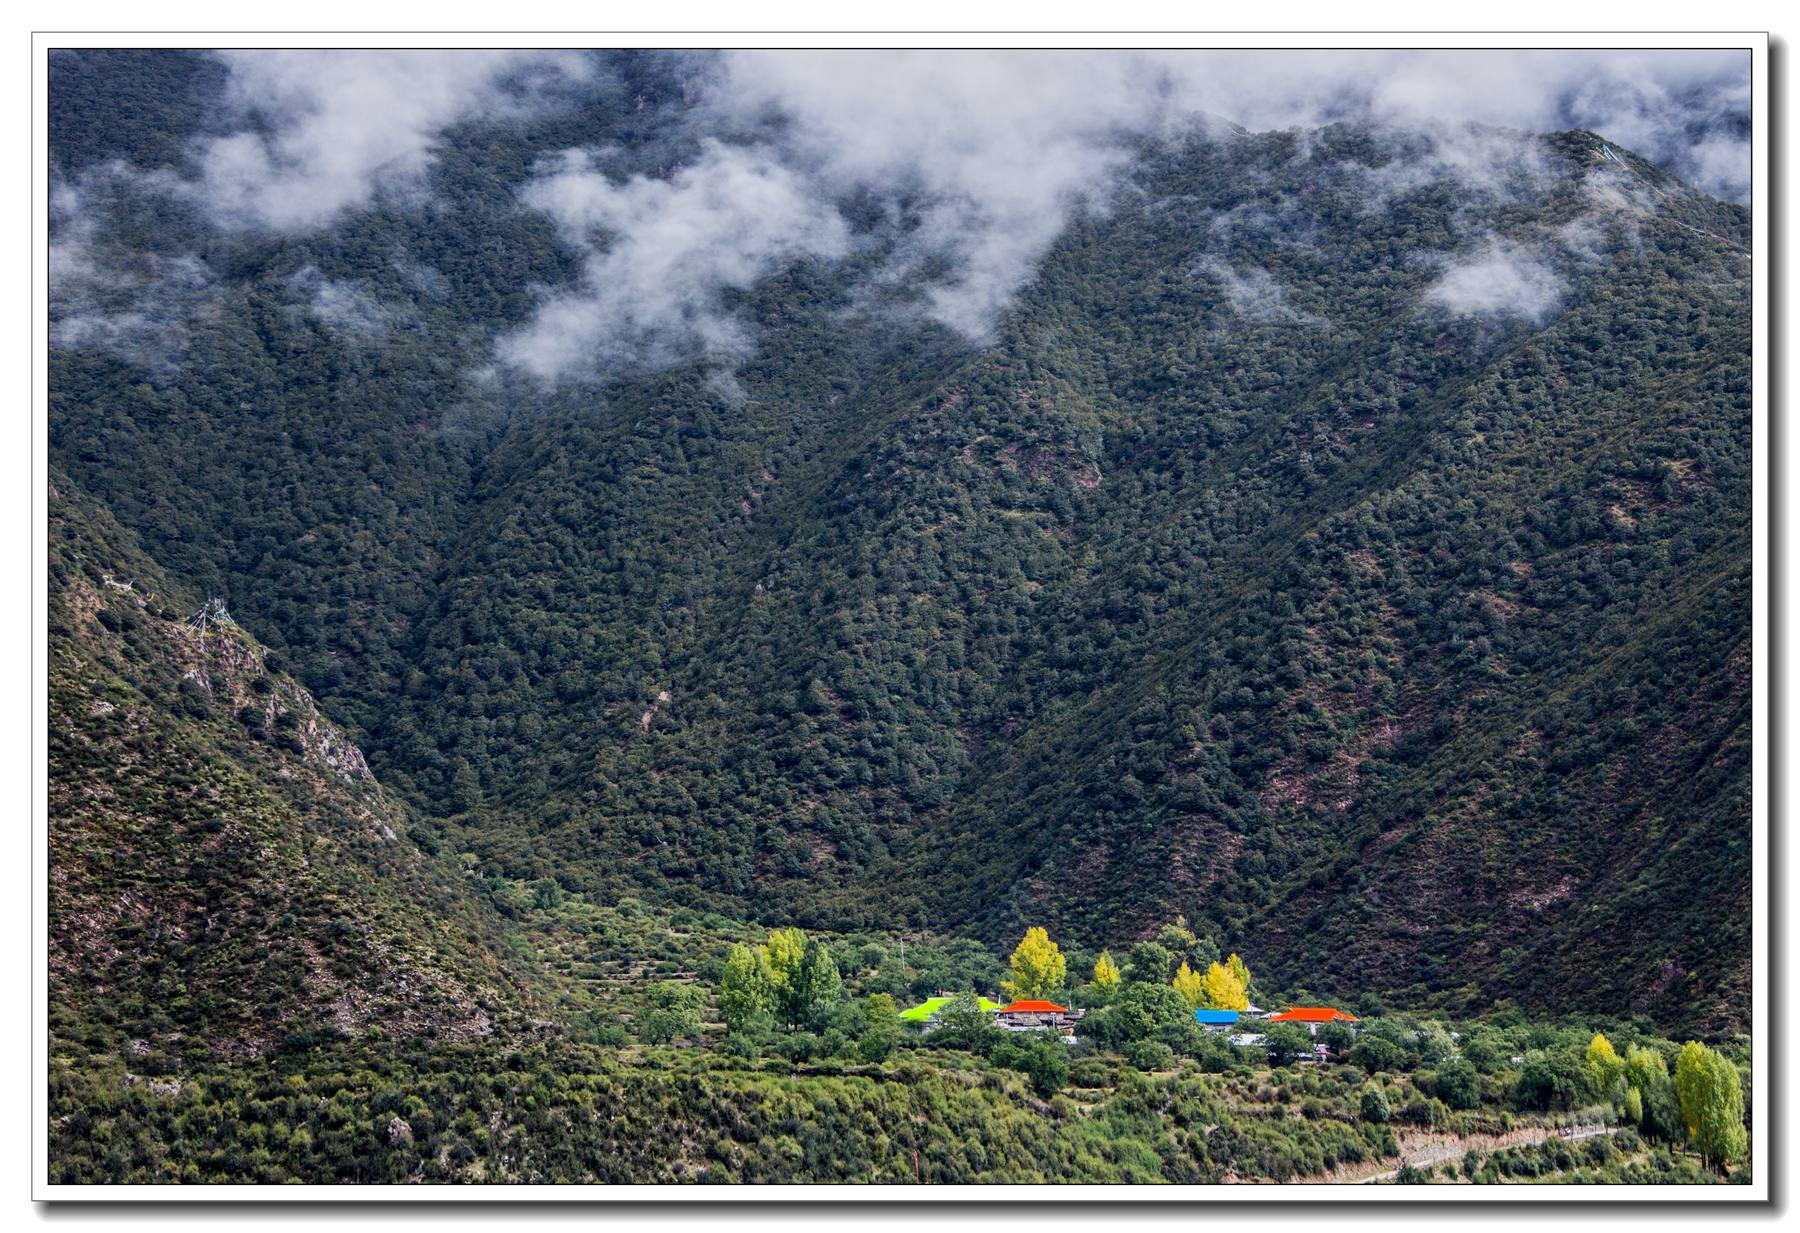 西藏林芝风光:《鲁朗林海入画游》